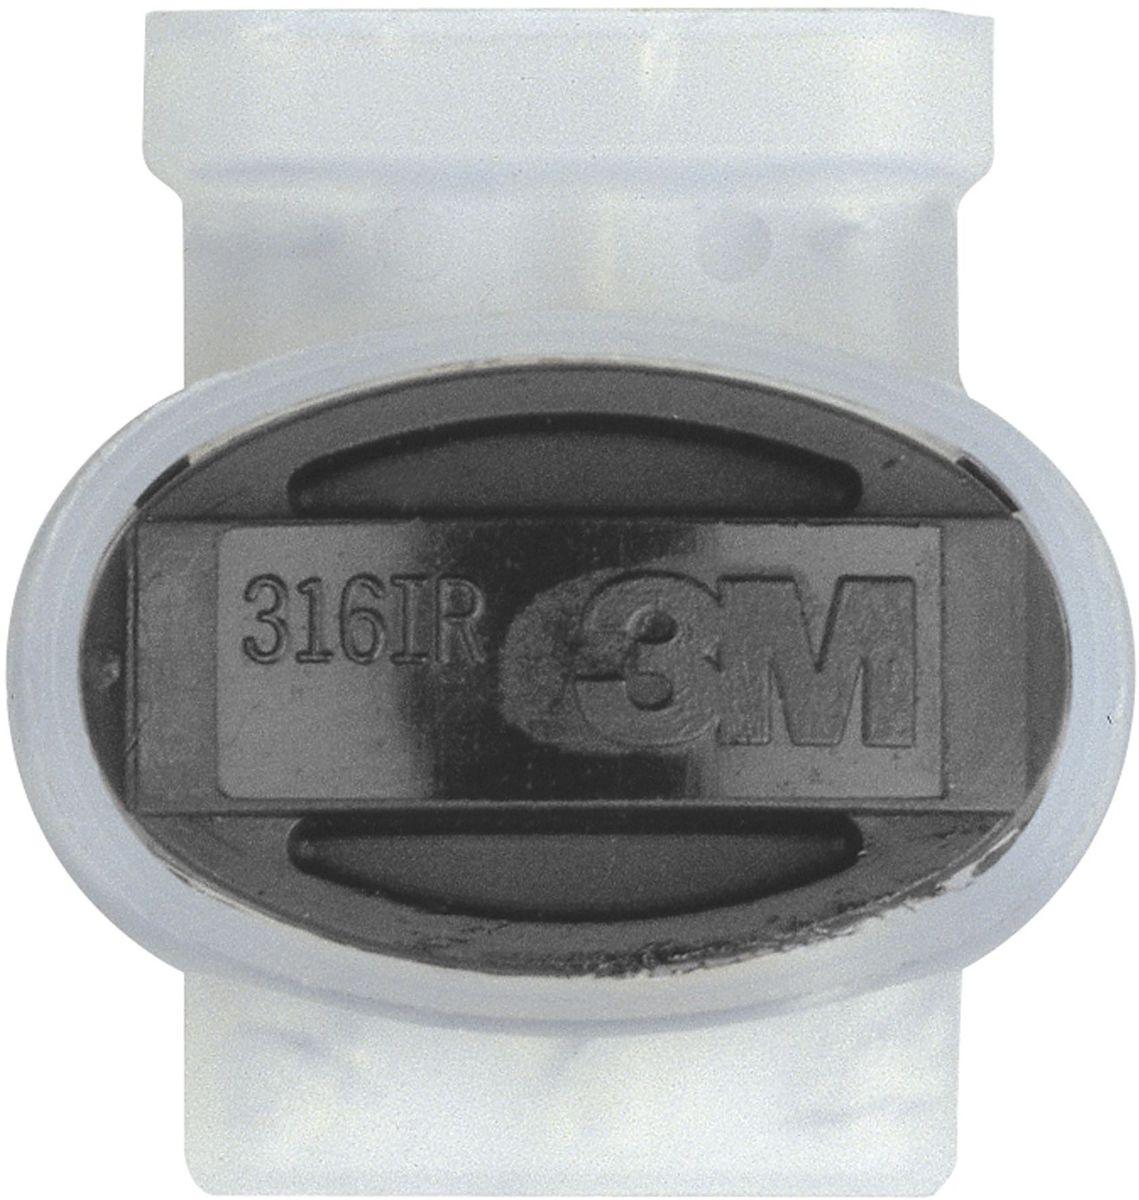 Муфта для кабеля Gardena, концевая, 24 В02834-20.000.00Концевая муфта Gardena используется для подключения к клапанам Gardena 1278 соединительного кабеля Gardena 1280, используя коробки для клапана для полива V1. Гарантирует герметичное соединение легким нажатием кнопки.Максимальное напряжение: 30 В.Максимальный диаметр кабеля: 3,9 мм.Площадь поперечного сечения кабеля: 0,33-1,5 мм2.